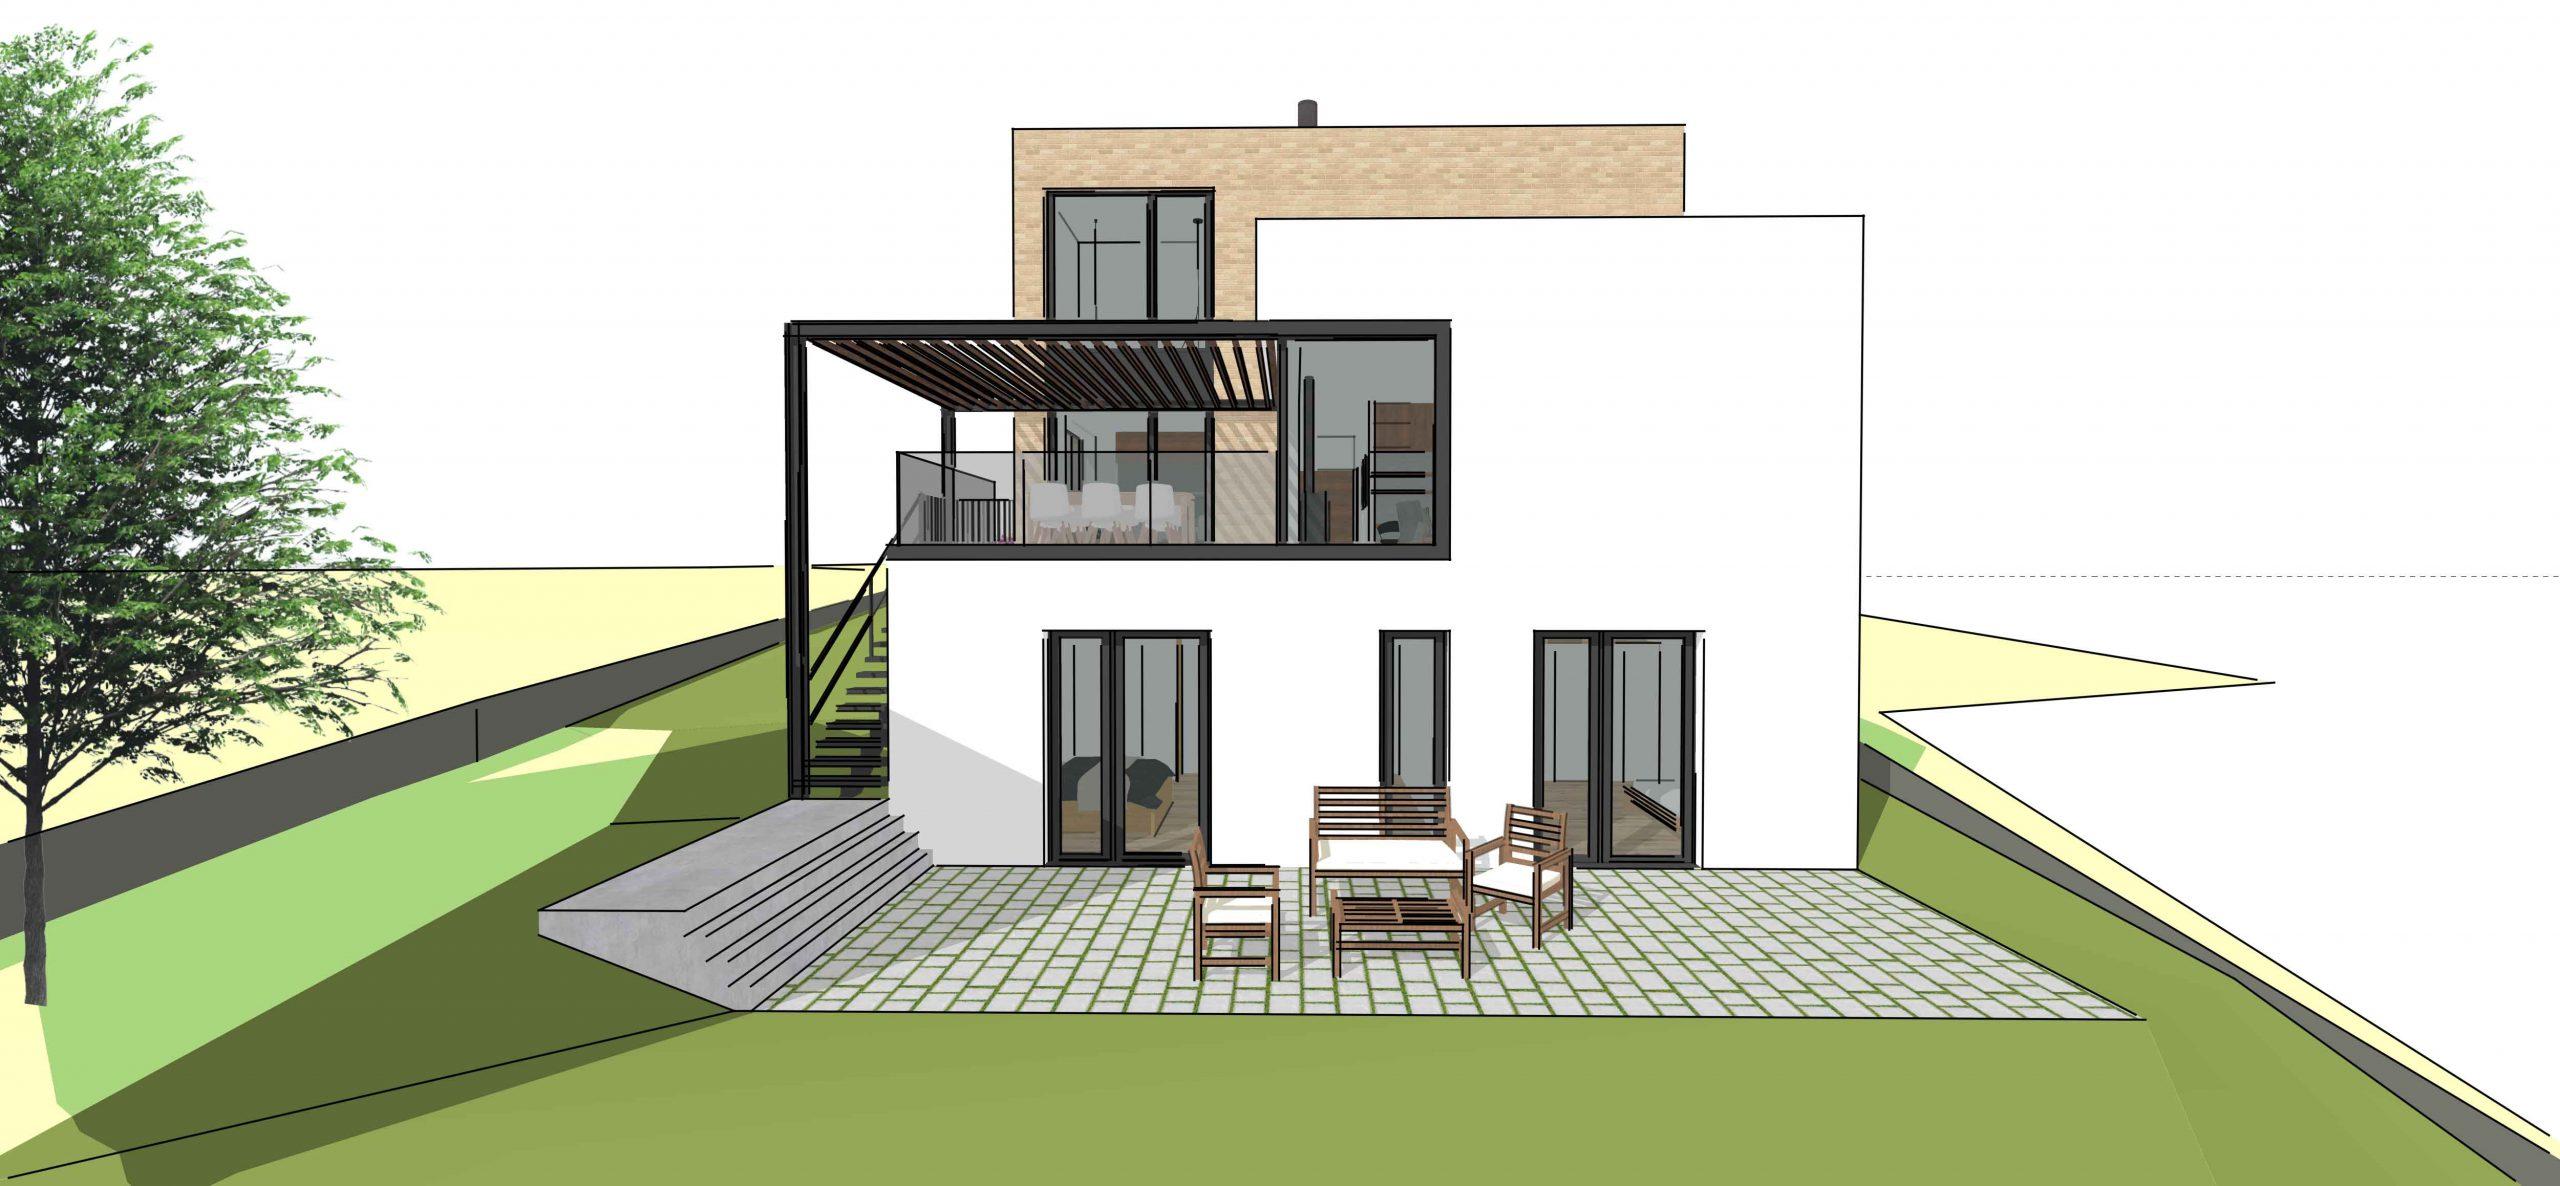 trojpodlažný rodinný dom vo svahu